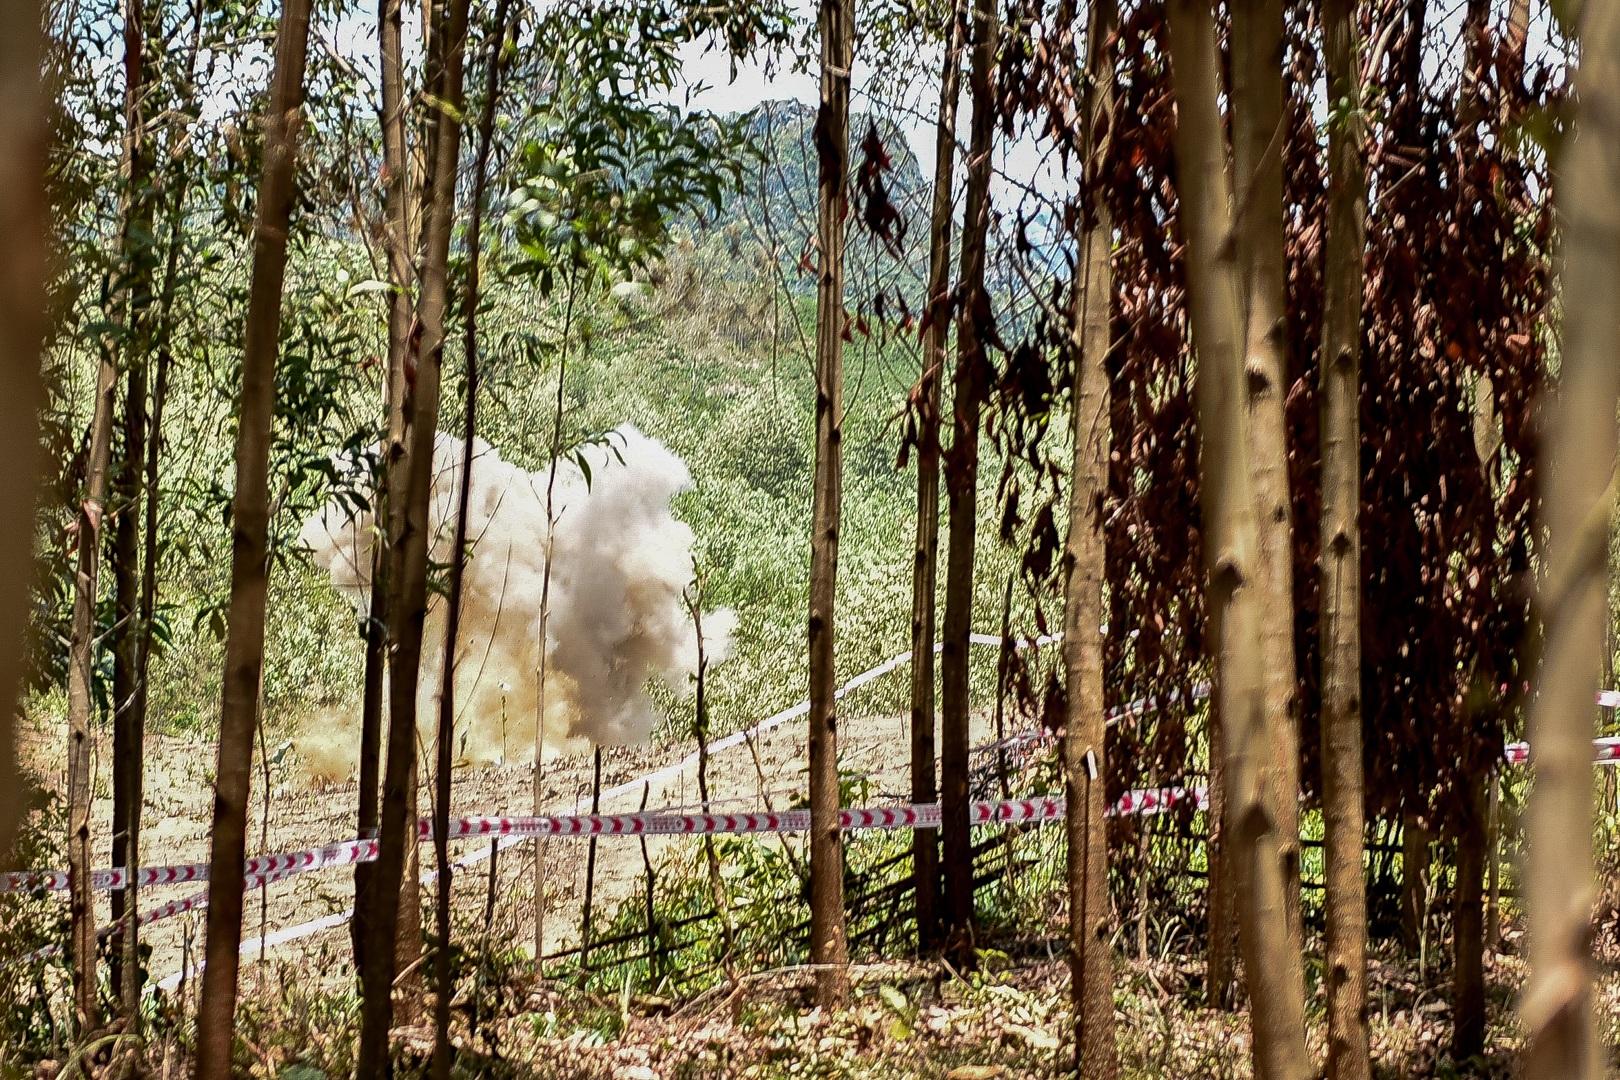 Đại sứ Mỹ tự tay phá hủy bom mìn còn sót lại sau chiến tranh tại Quảng Trị - 17